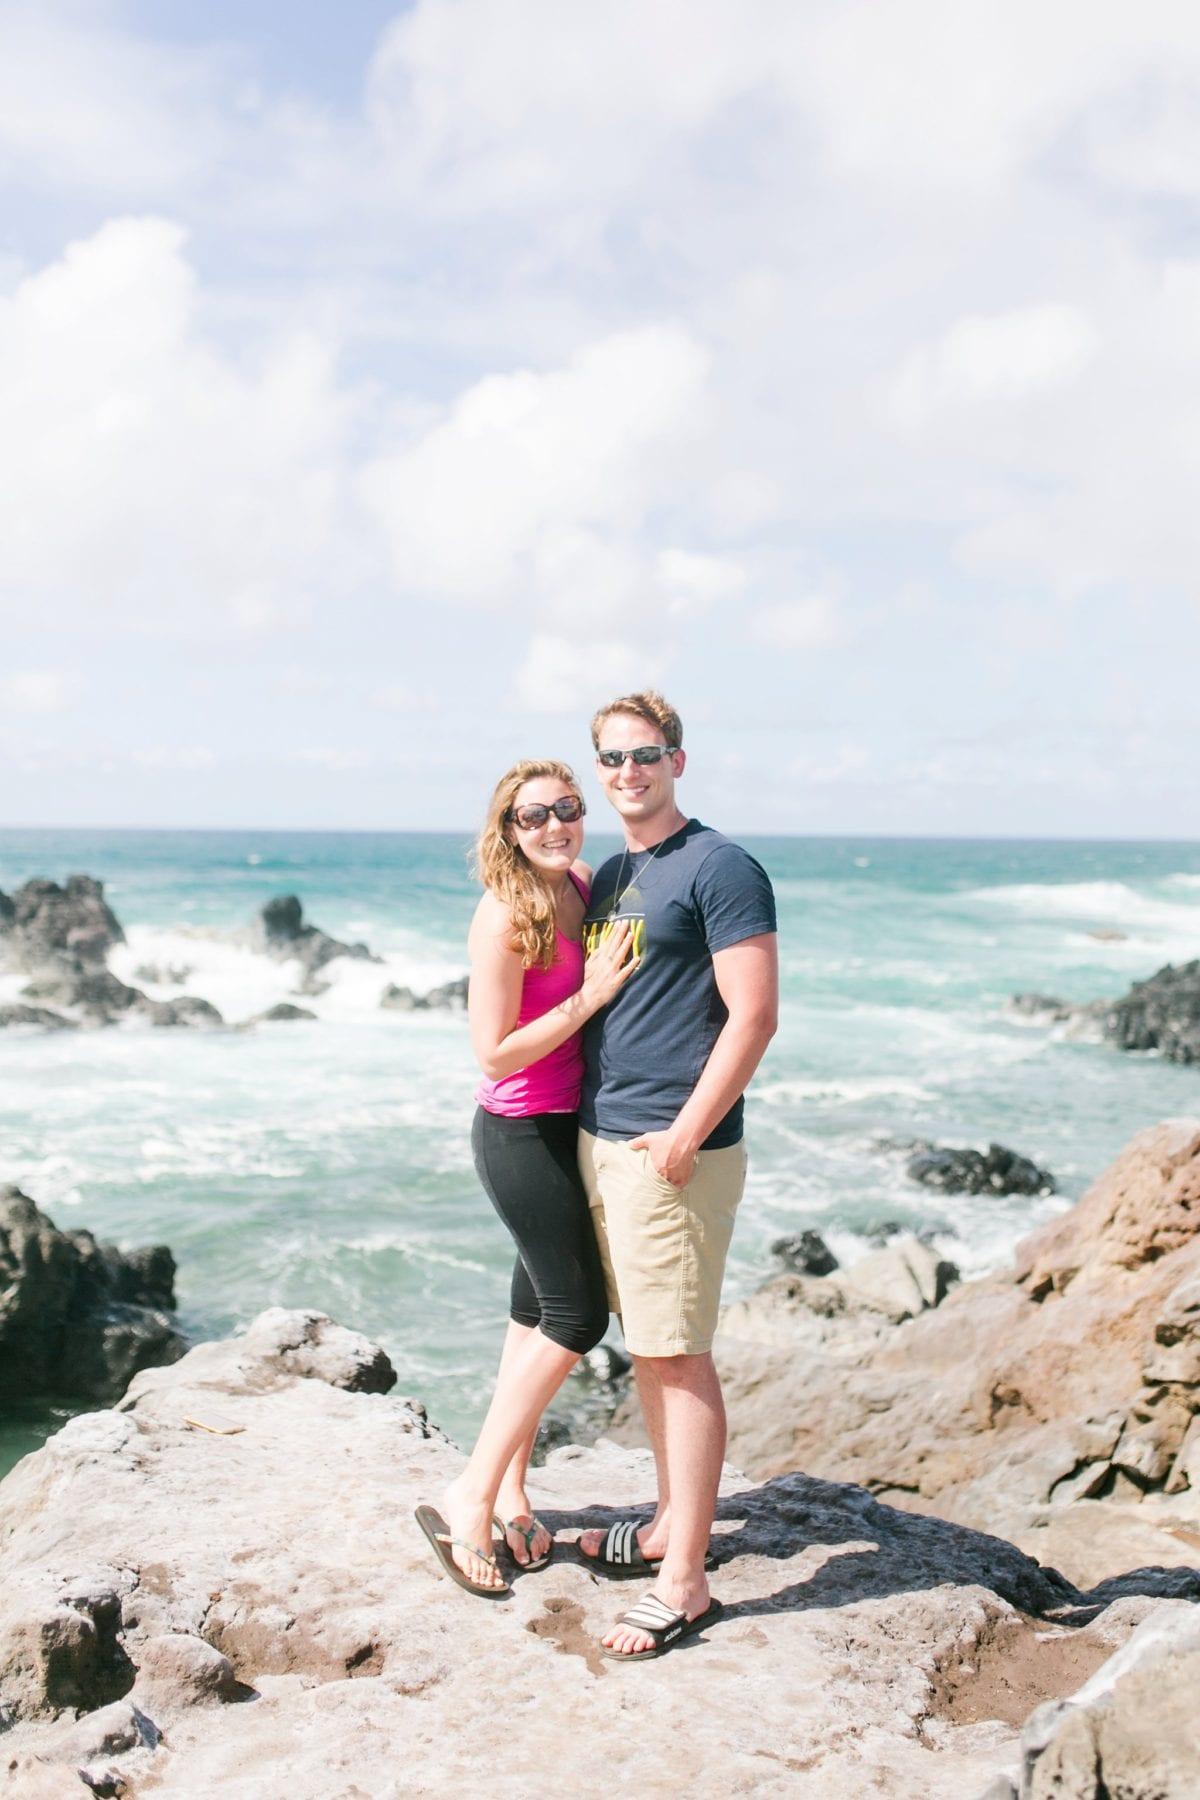 Justin & Megan Hawaiian Honeymoon Maui Oahu Vacation Photos--8.jpg